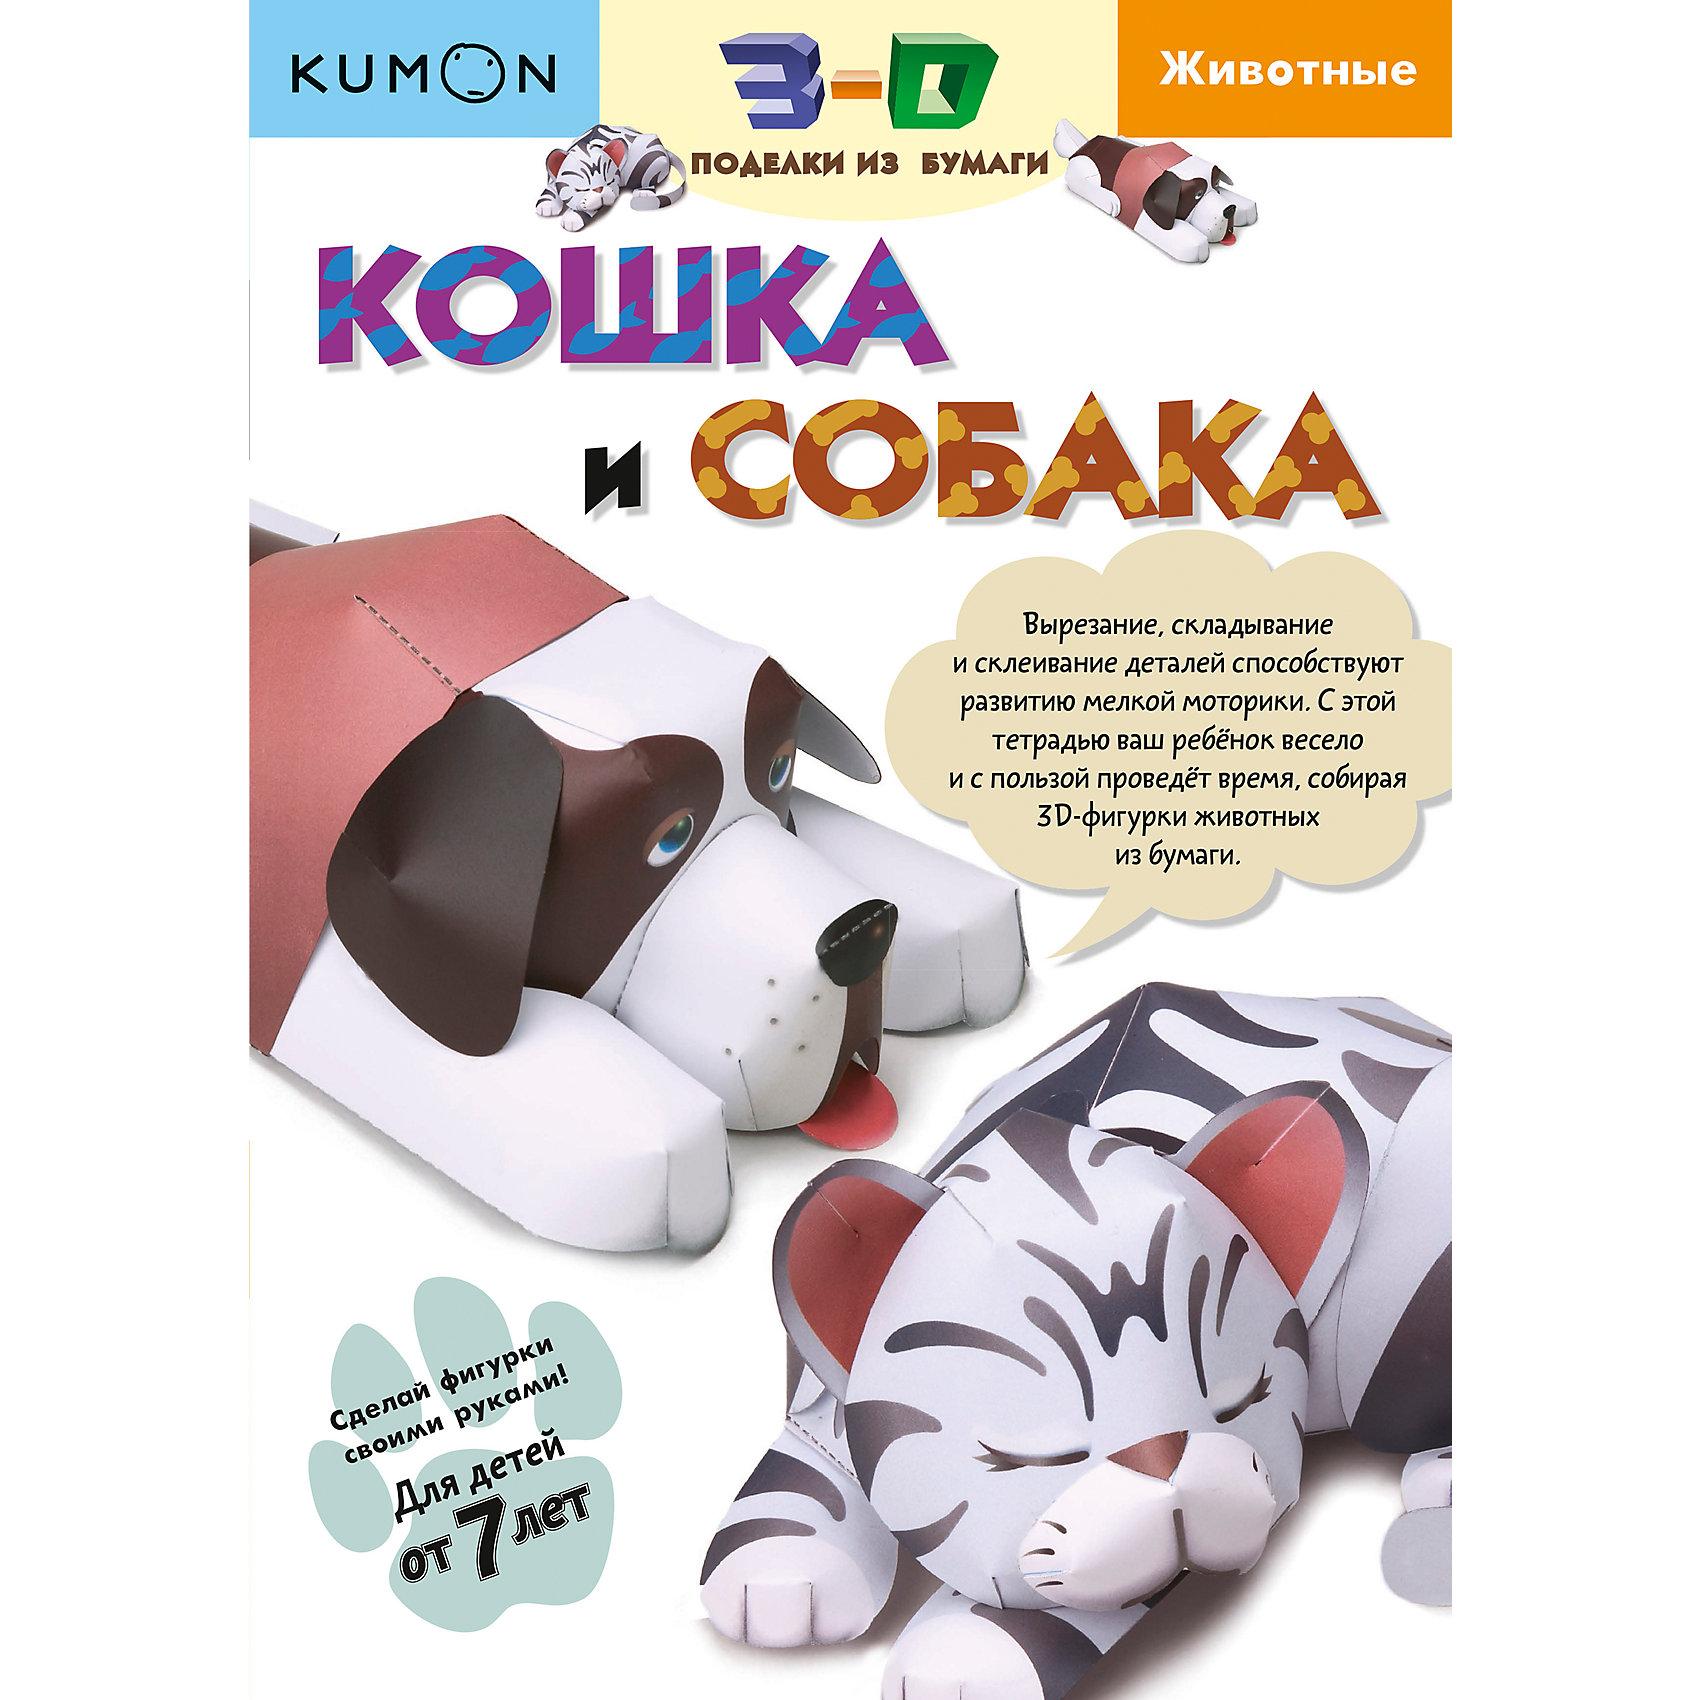 3D поделки из бумаги: Кошка и собака, KumonРисование<br>Вместе с тетрадью «Кошка и собака» ваш ребёнок будет развивать мелкую моторику и пространственное мышление, собирая из бумаги фигурки этих животных.<br><br>Ширина мм: 297<br>Глубина мм: 210<br>Высота мм: 50<br>Вес г: 240<br>Возраст от месяцев: 84<br>Возраст до месяцев: 168<br>Пол: Унисекс<br>Возраст: Детский<br>SKU: 5535166